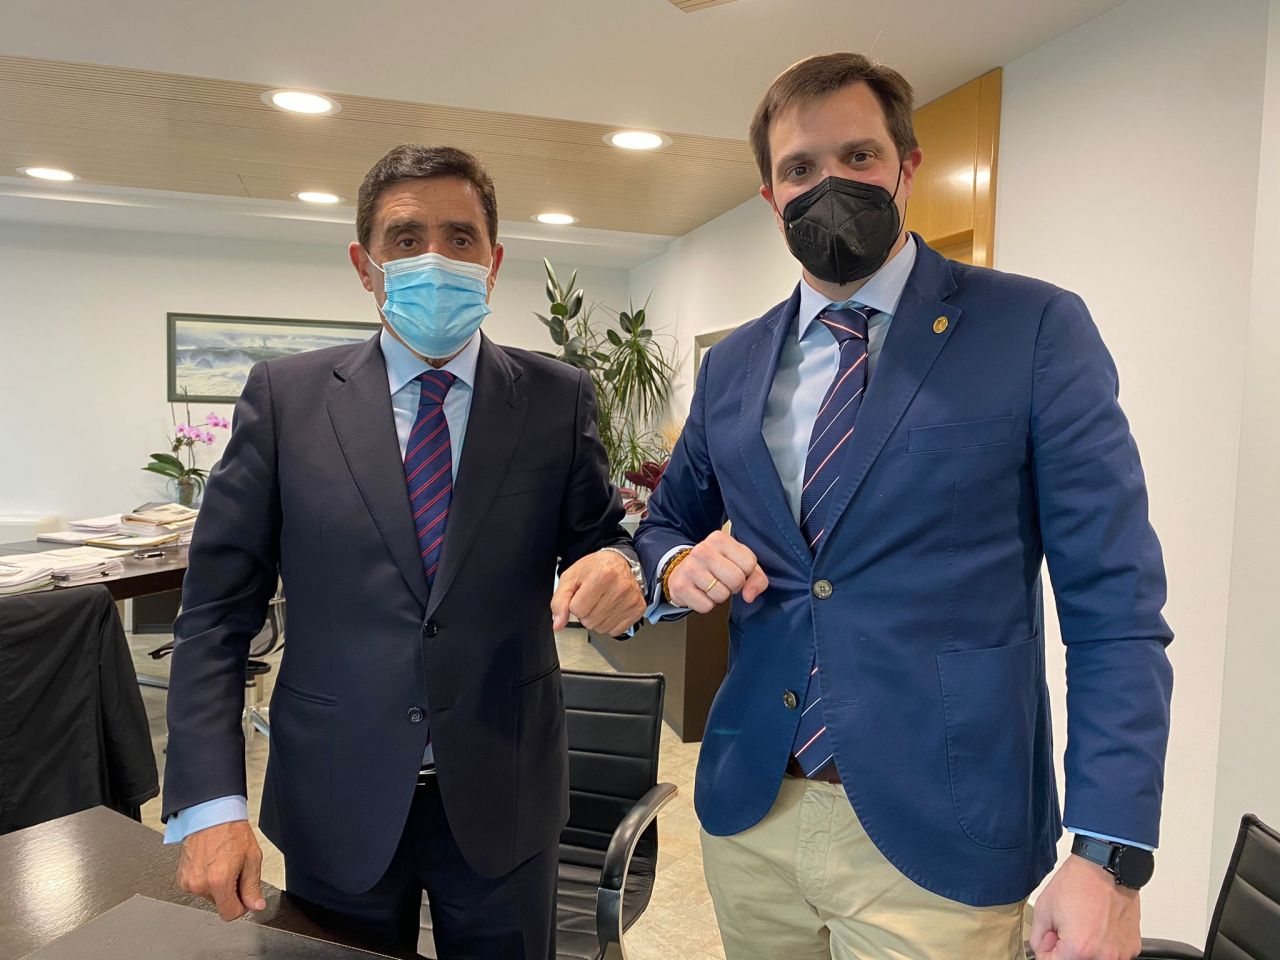 Renovación del convenio entre Caja Rural y el Colegio Oficial de Farmacéuticos de Soria